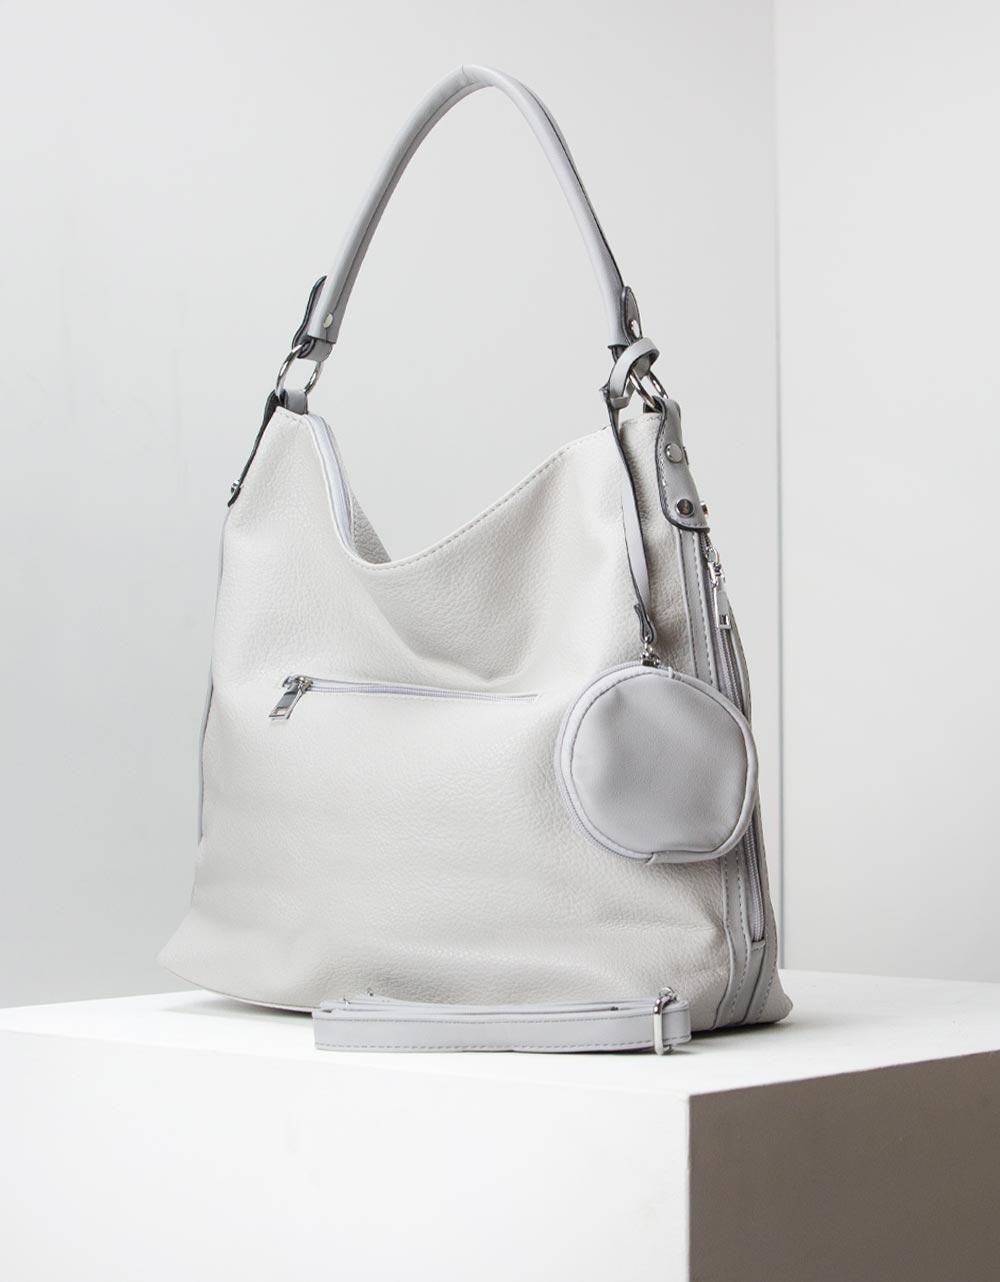 Εικόνα από Γυναικείες τσάντες ώμου χιαστί μονόχρωμες Γκρι